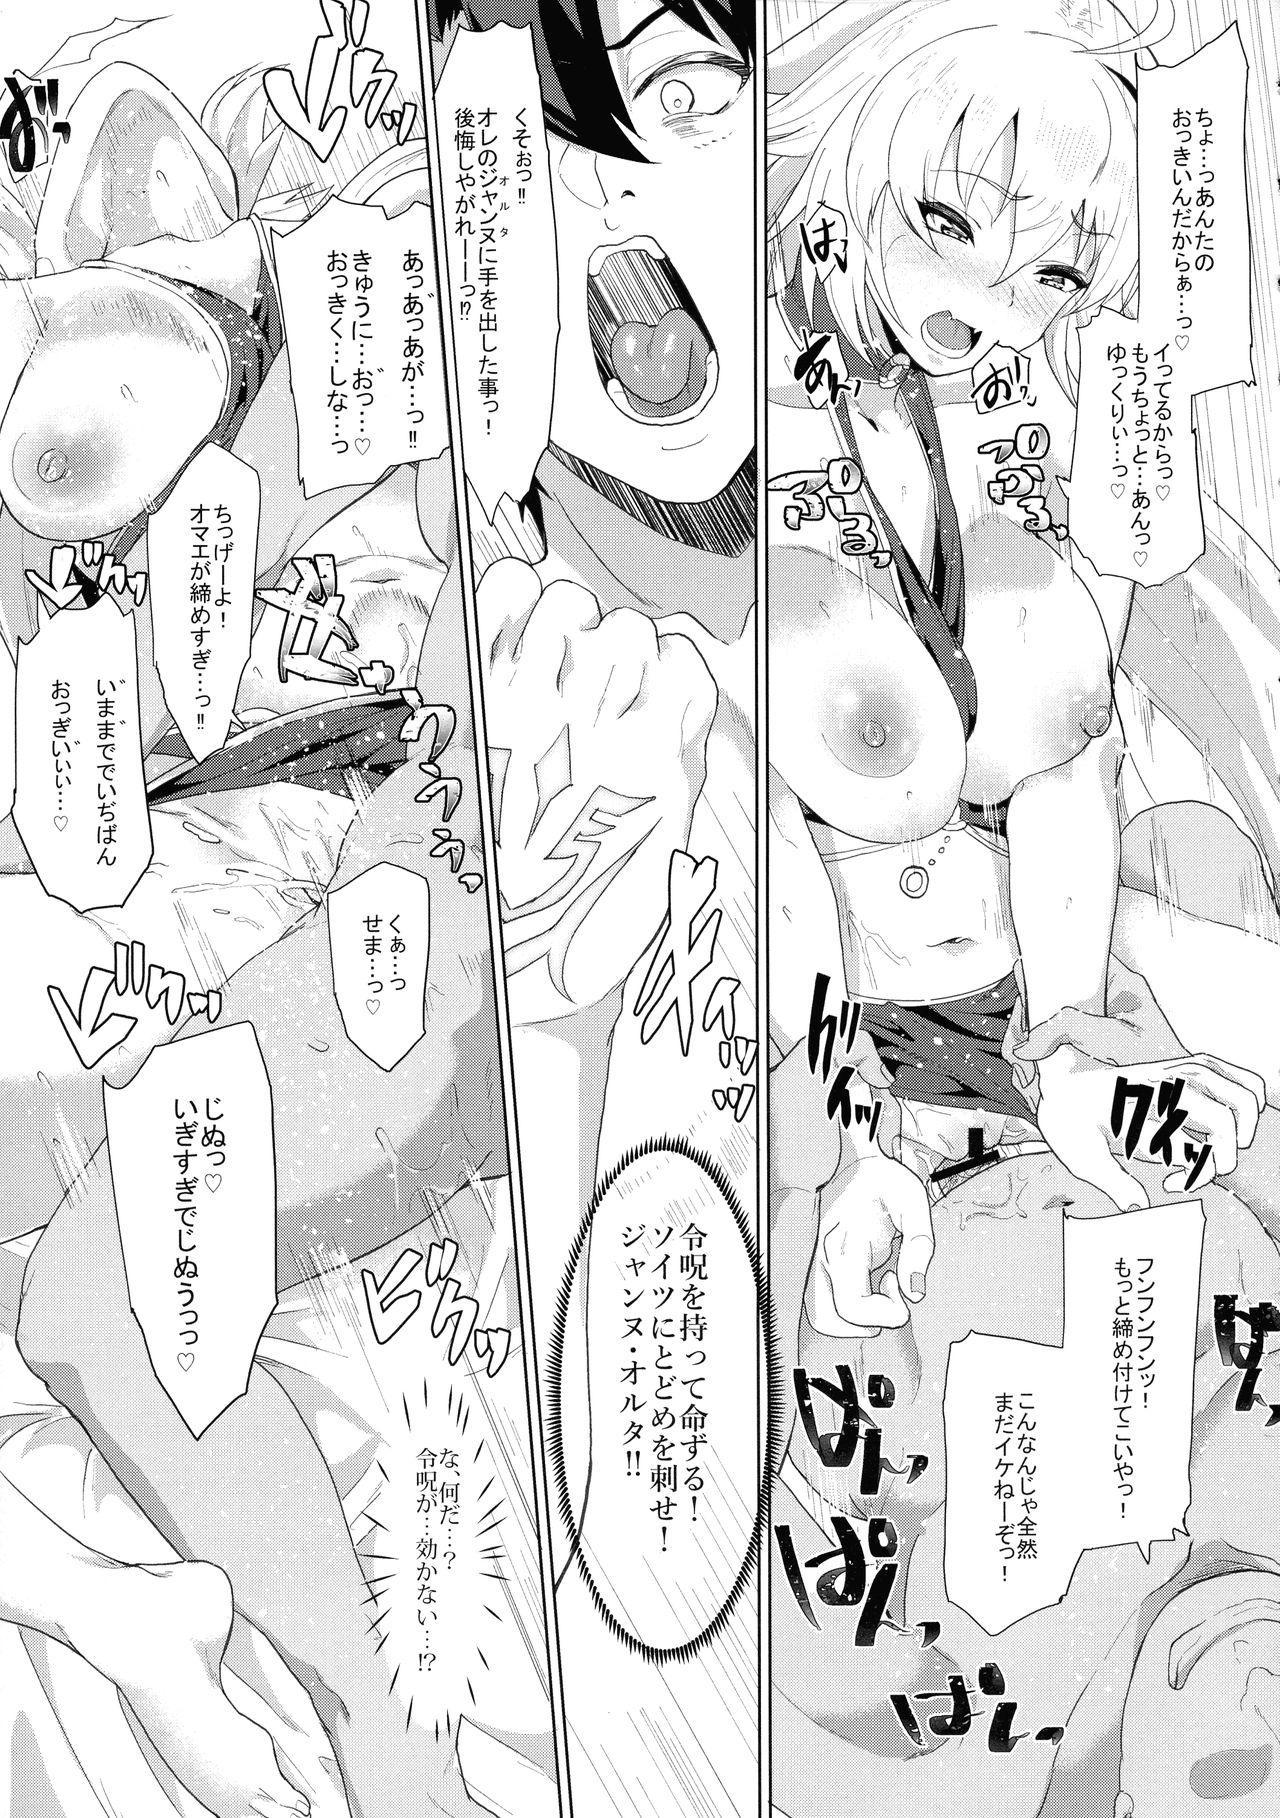 Ore to no Tokiyori Ureshi-sou ni Suru na yo 20